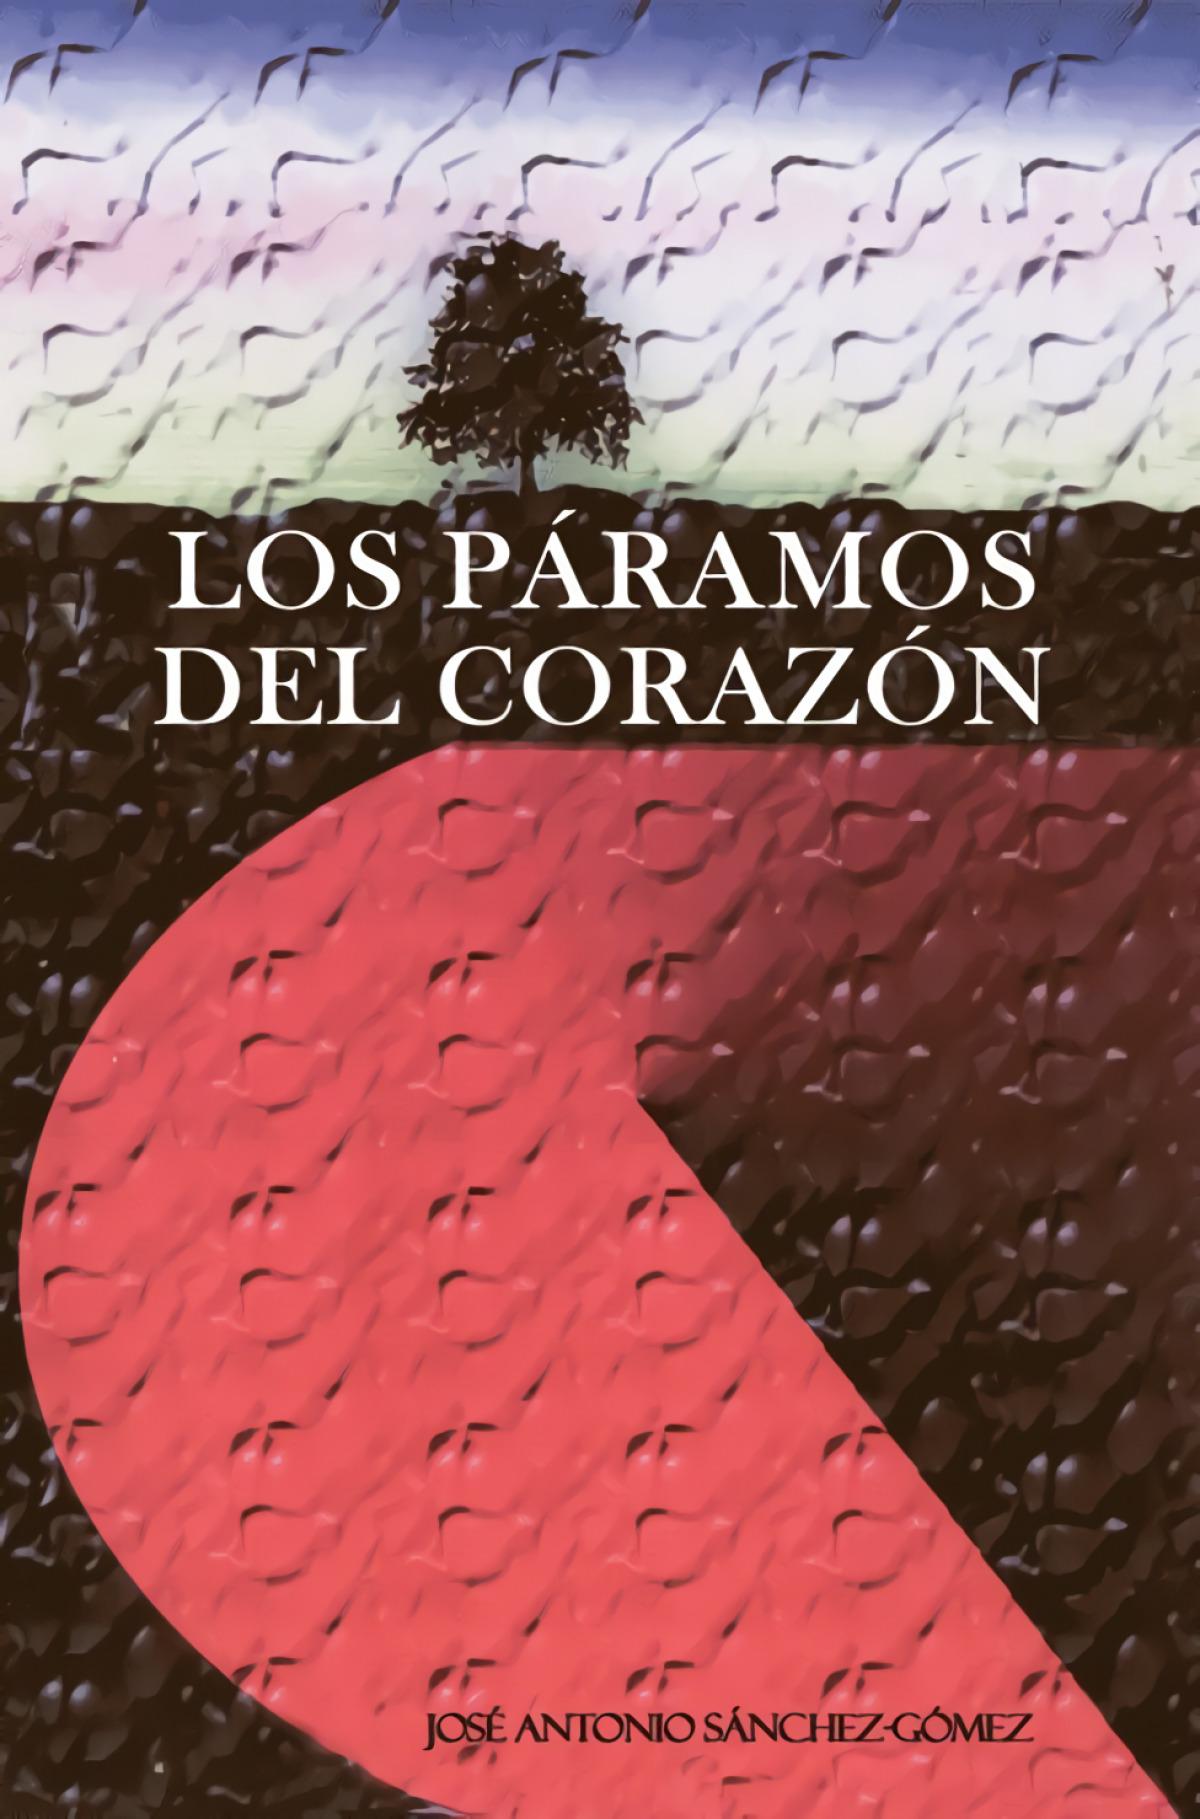 Paramos del corazon - Jose Antonio Sanchez-gomez